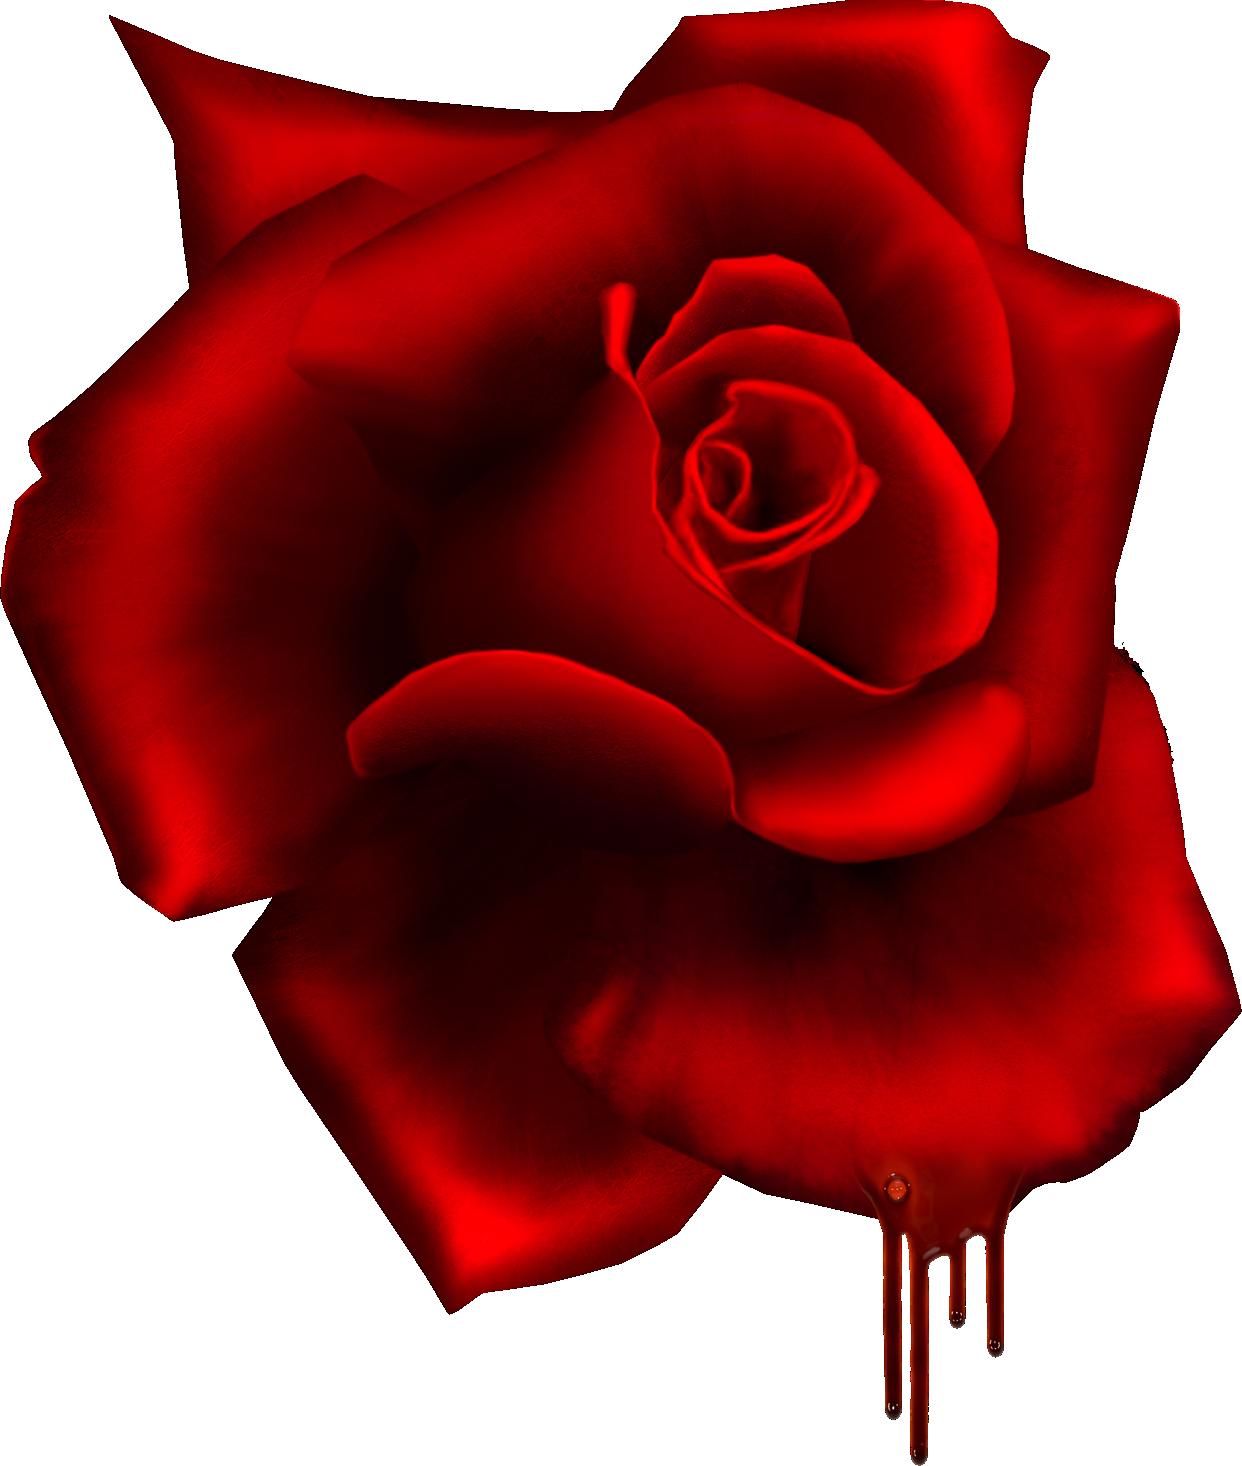 Gothic Red Rose Rosas Suenos